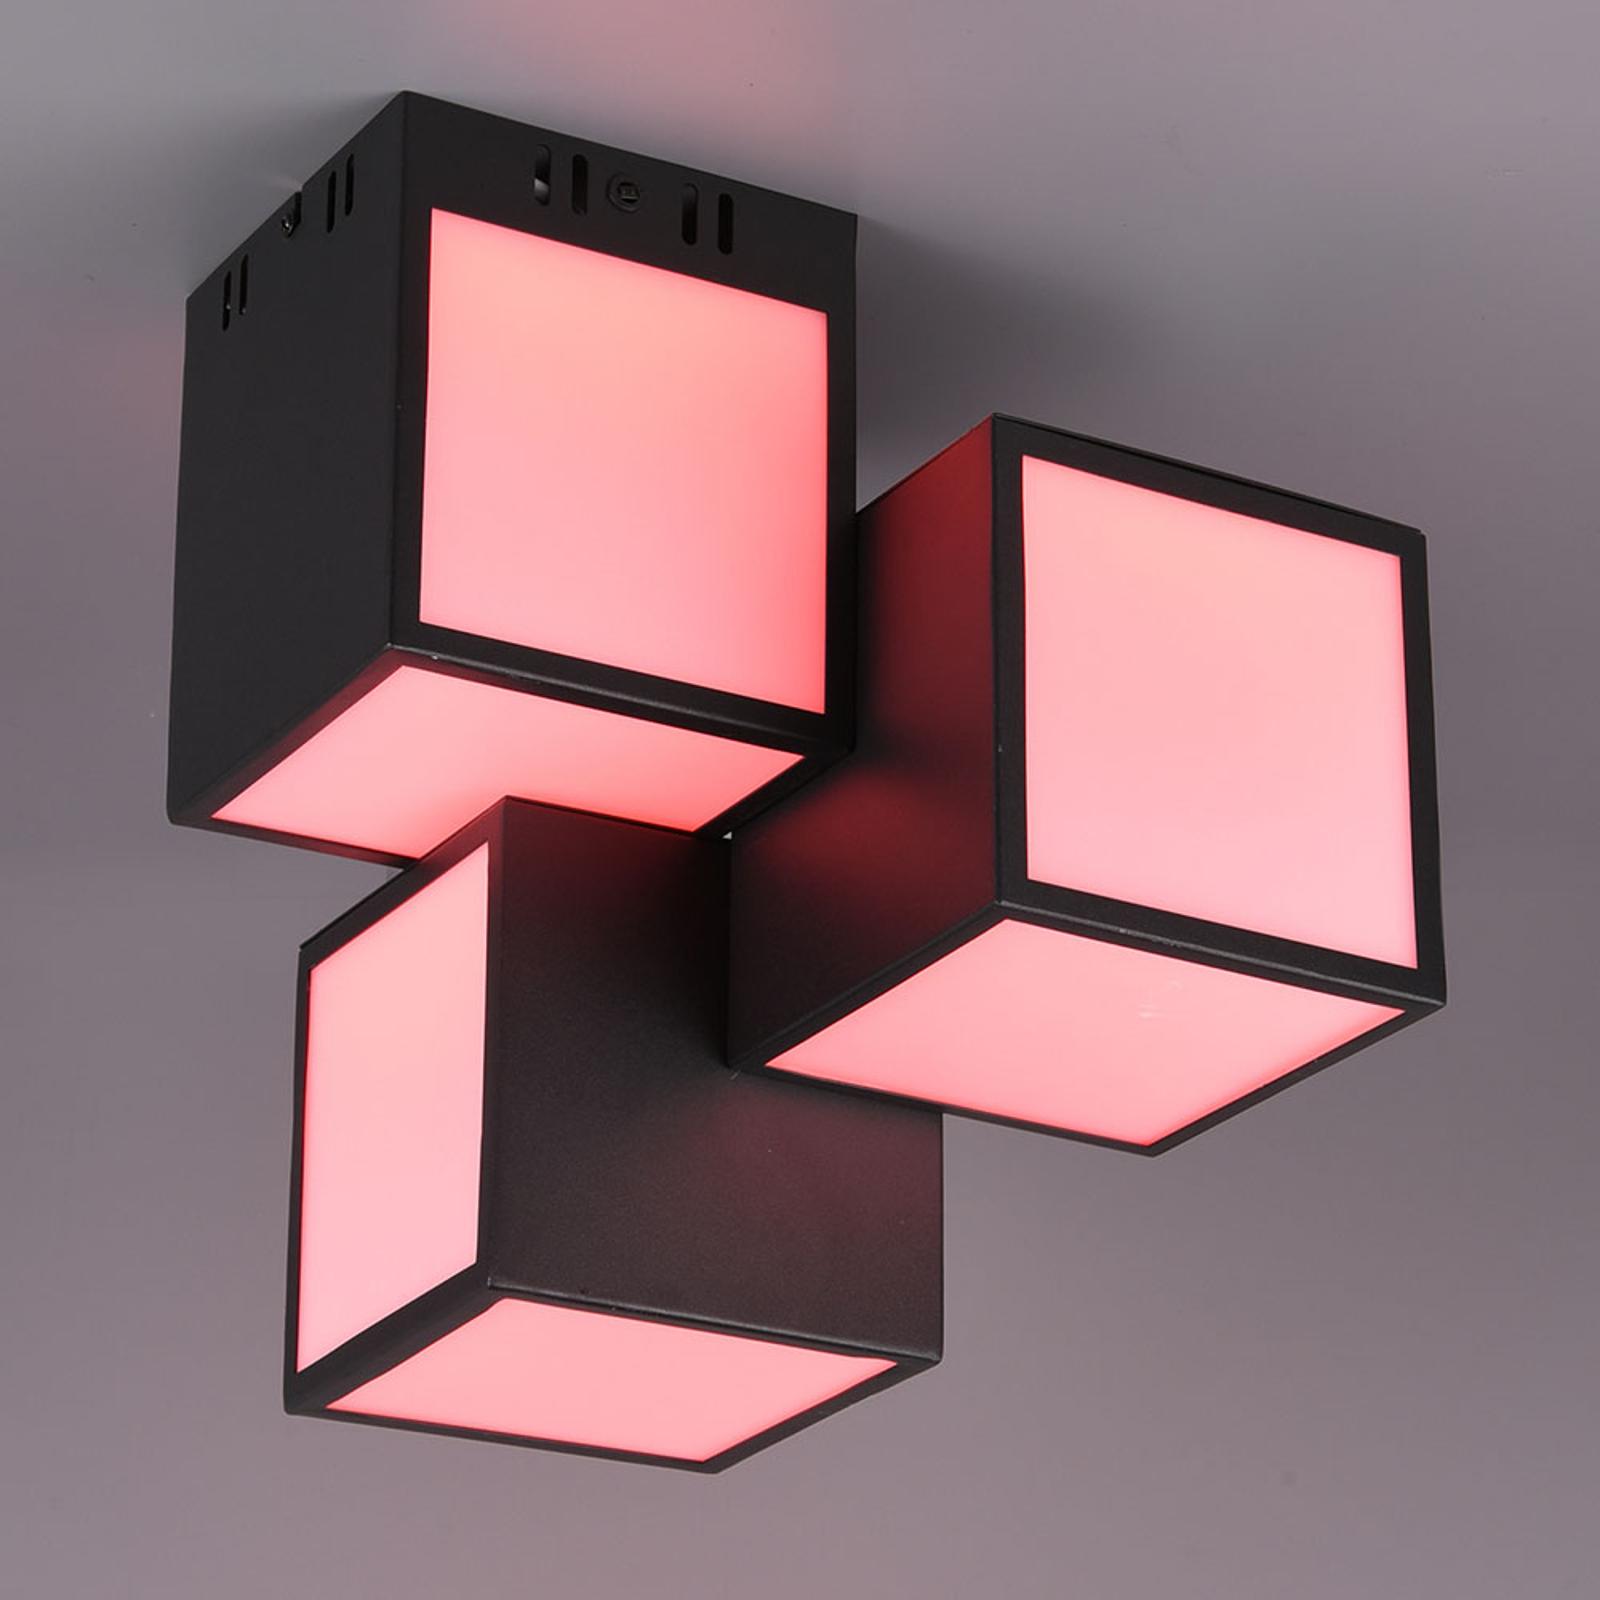 Trio WiZ Oscar LED plafondlamp 30x30cm, zwart